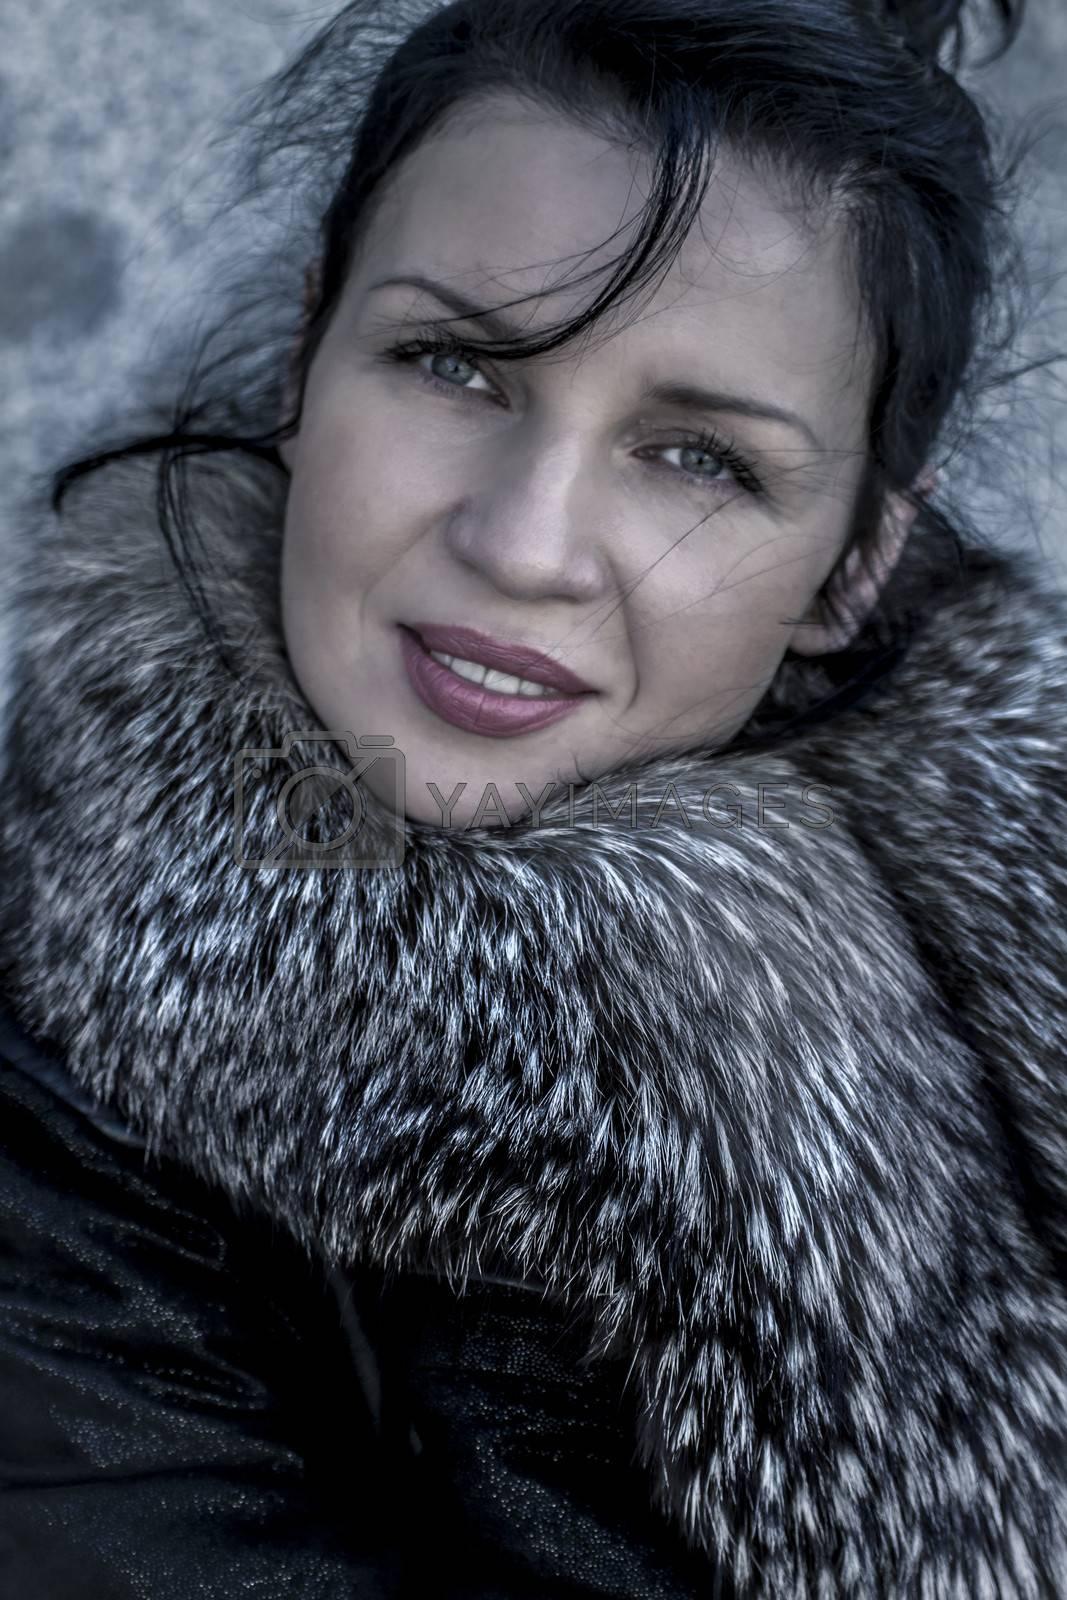 Brunette.Beautiful woman in winter.Beauty Fashion Model Girl in a Fur Hat. Russian Stylish young.Portrait.